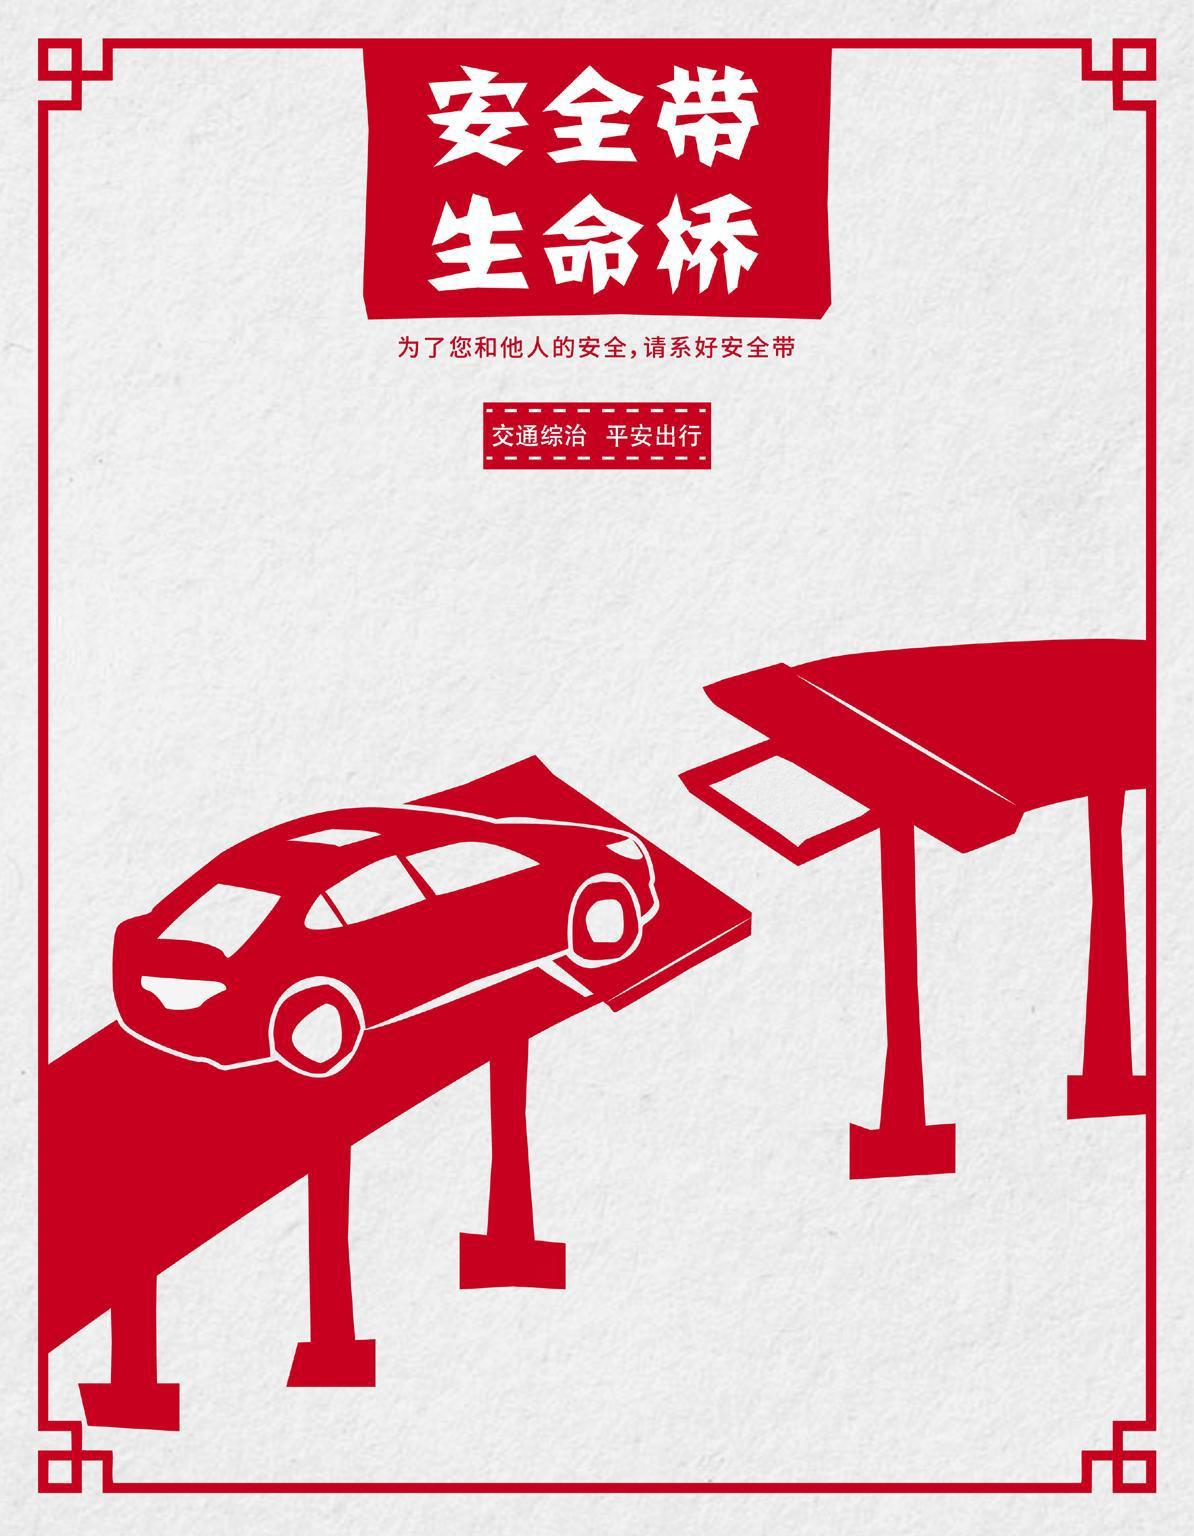 【组图】文明交通公益广告——安全出行